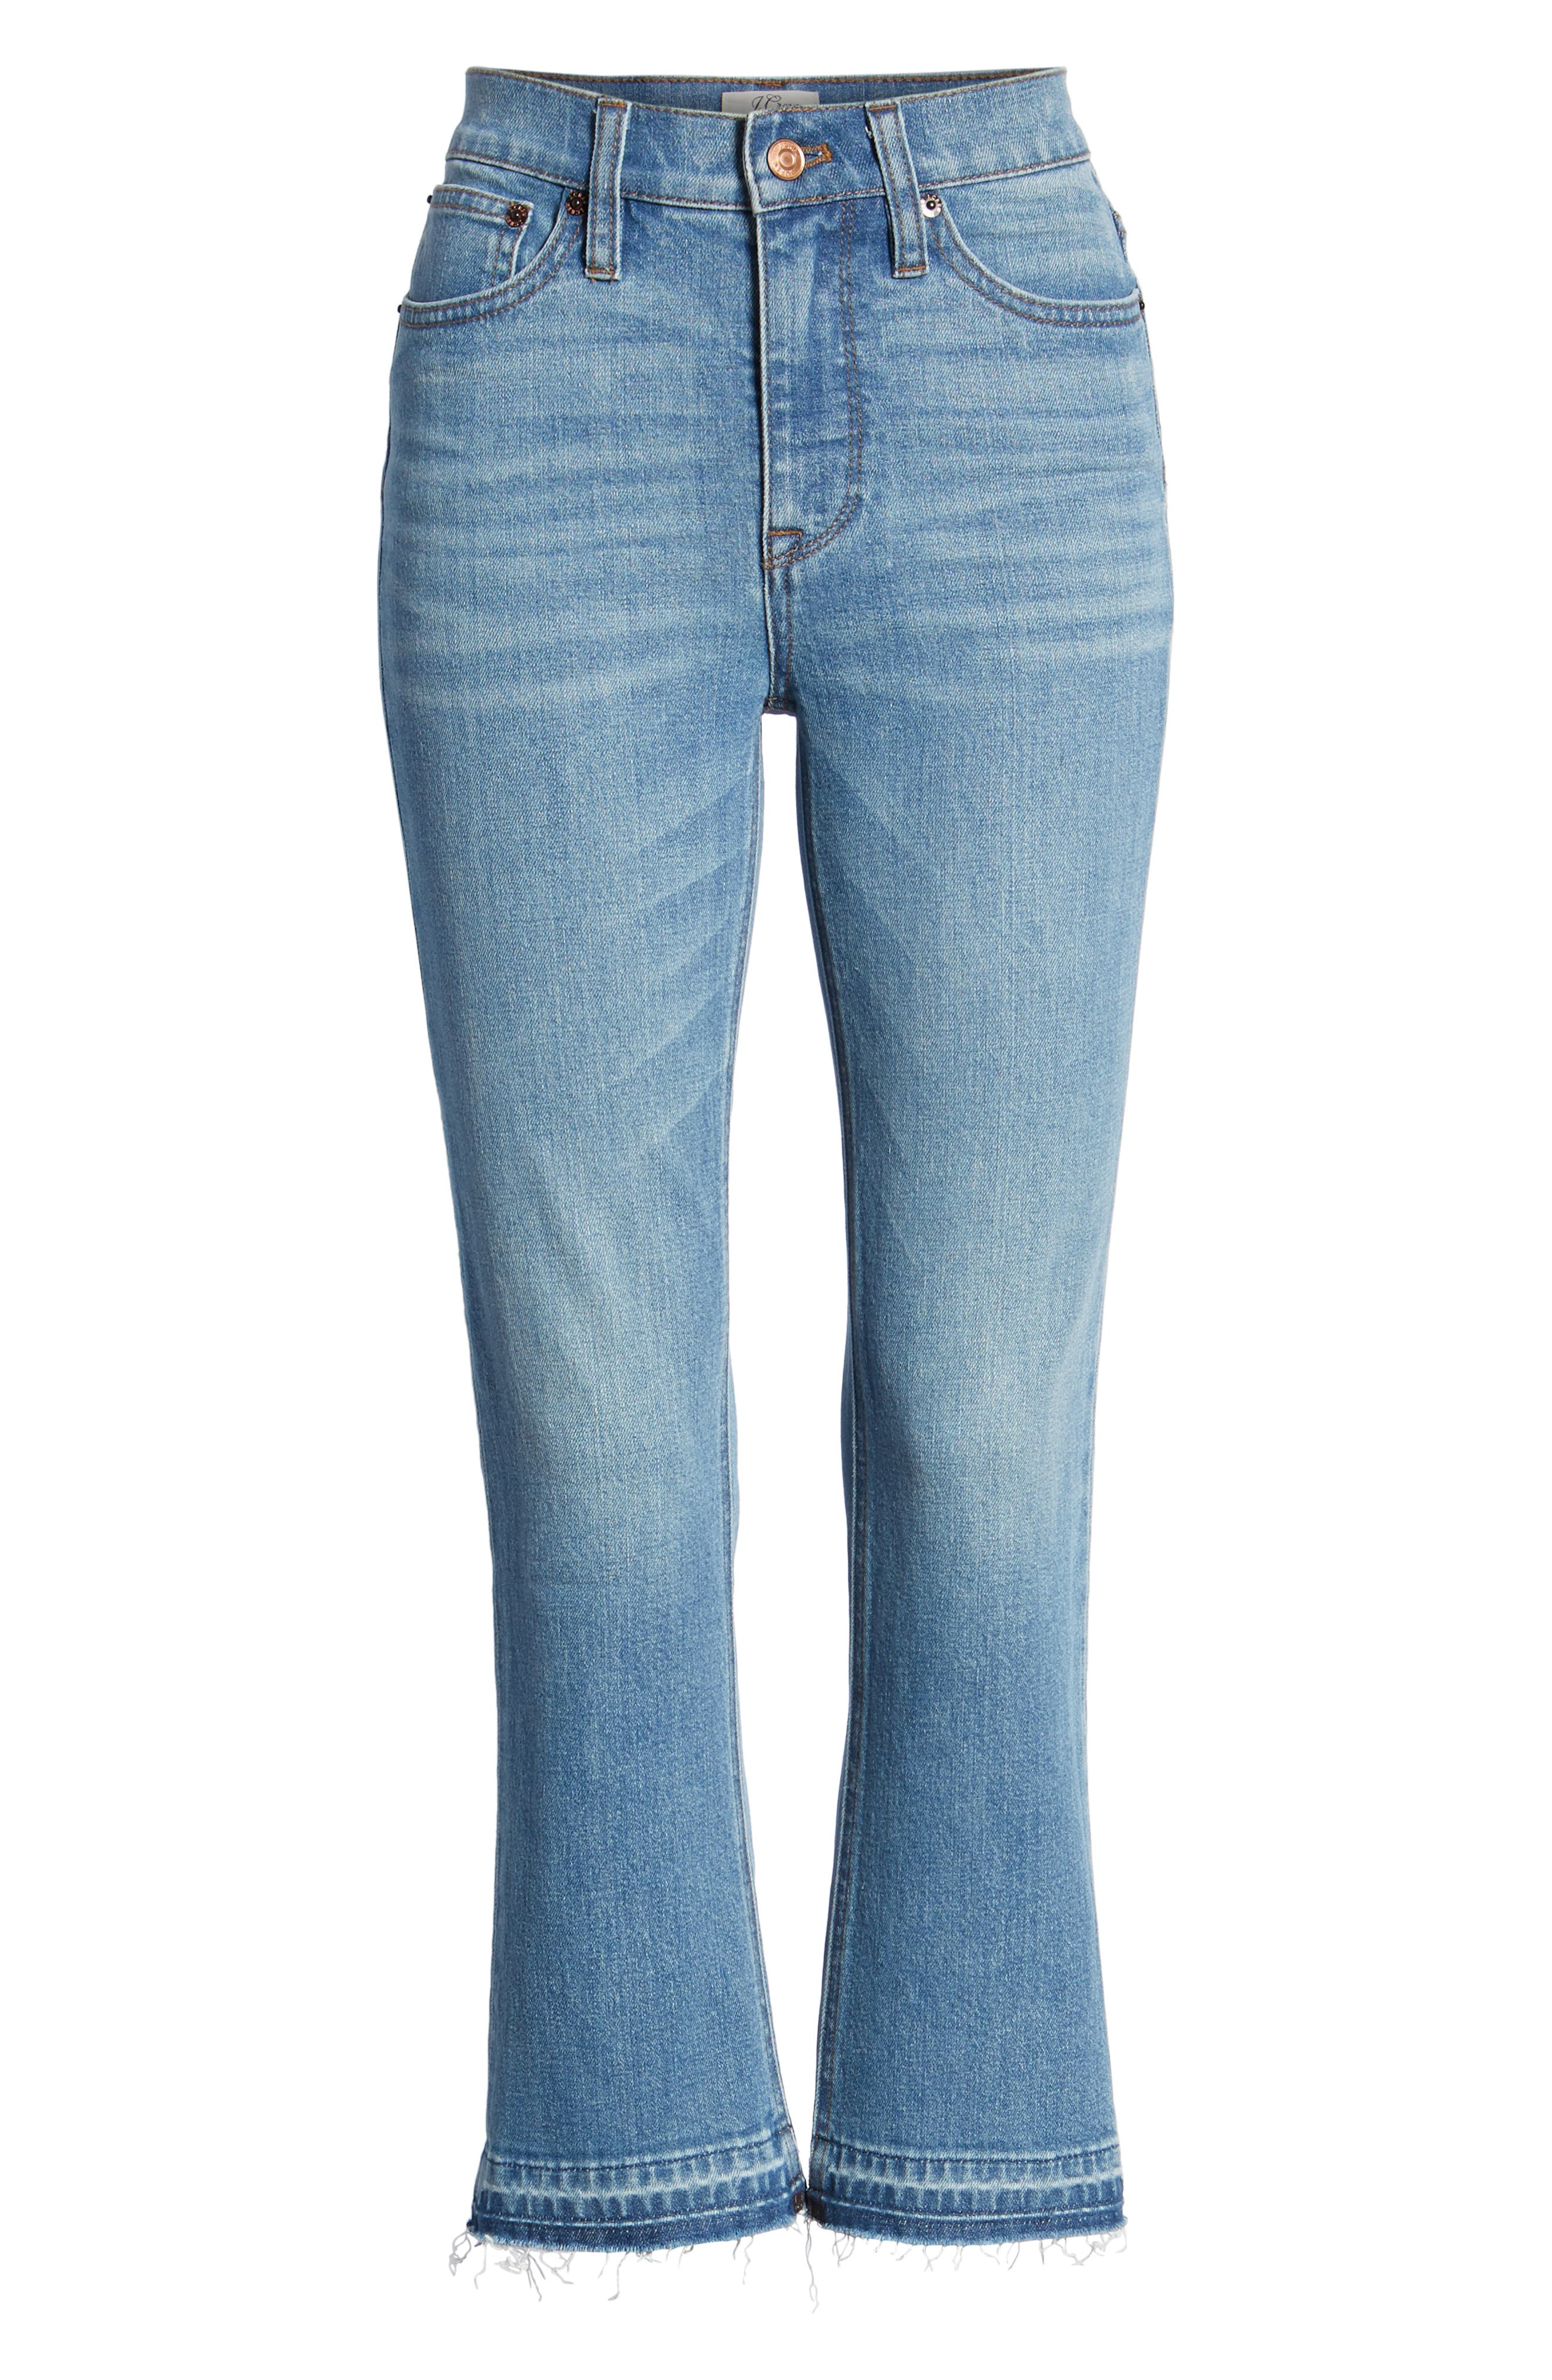 Billie Demi Boot Crop Jeans,                             Alternate thumbnail 7, color,                             400